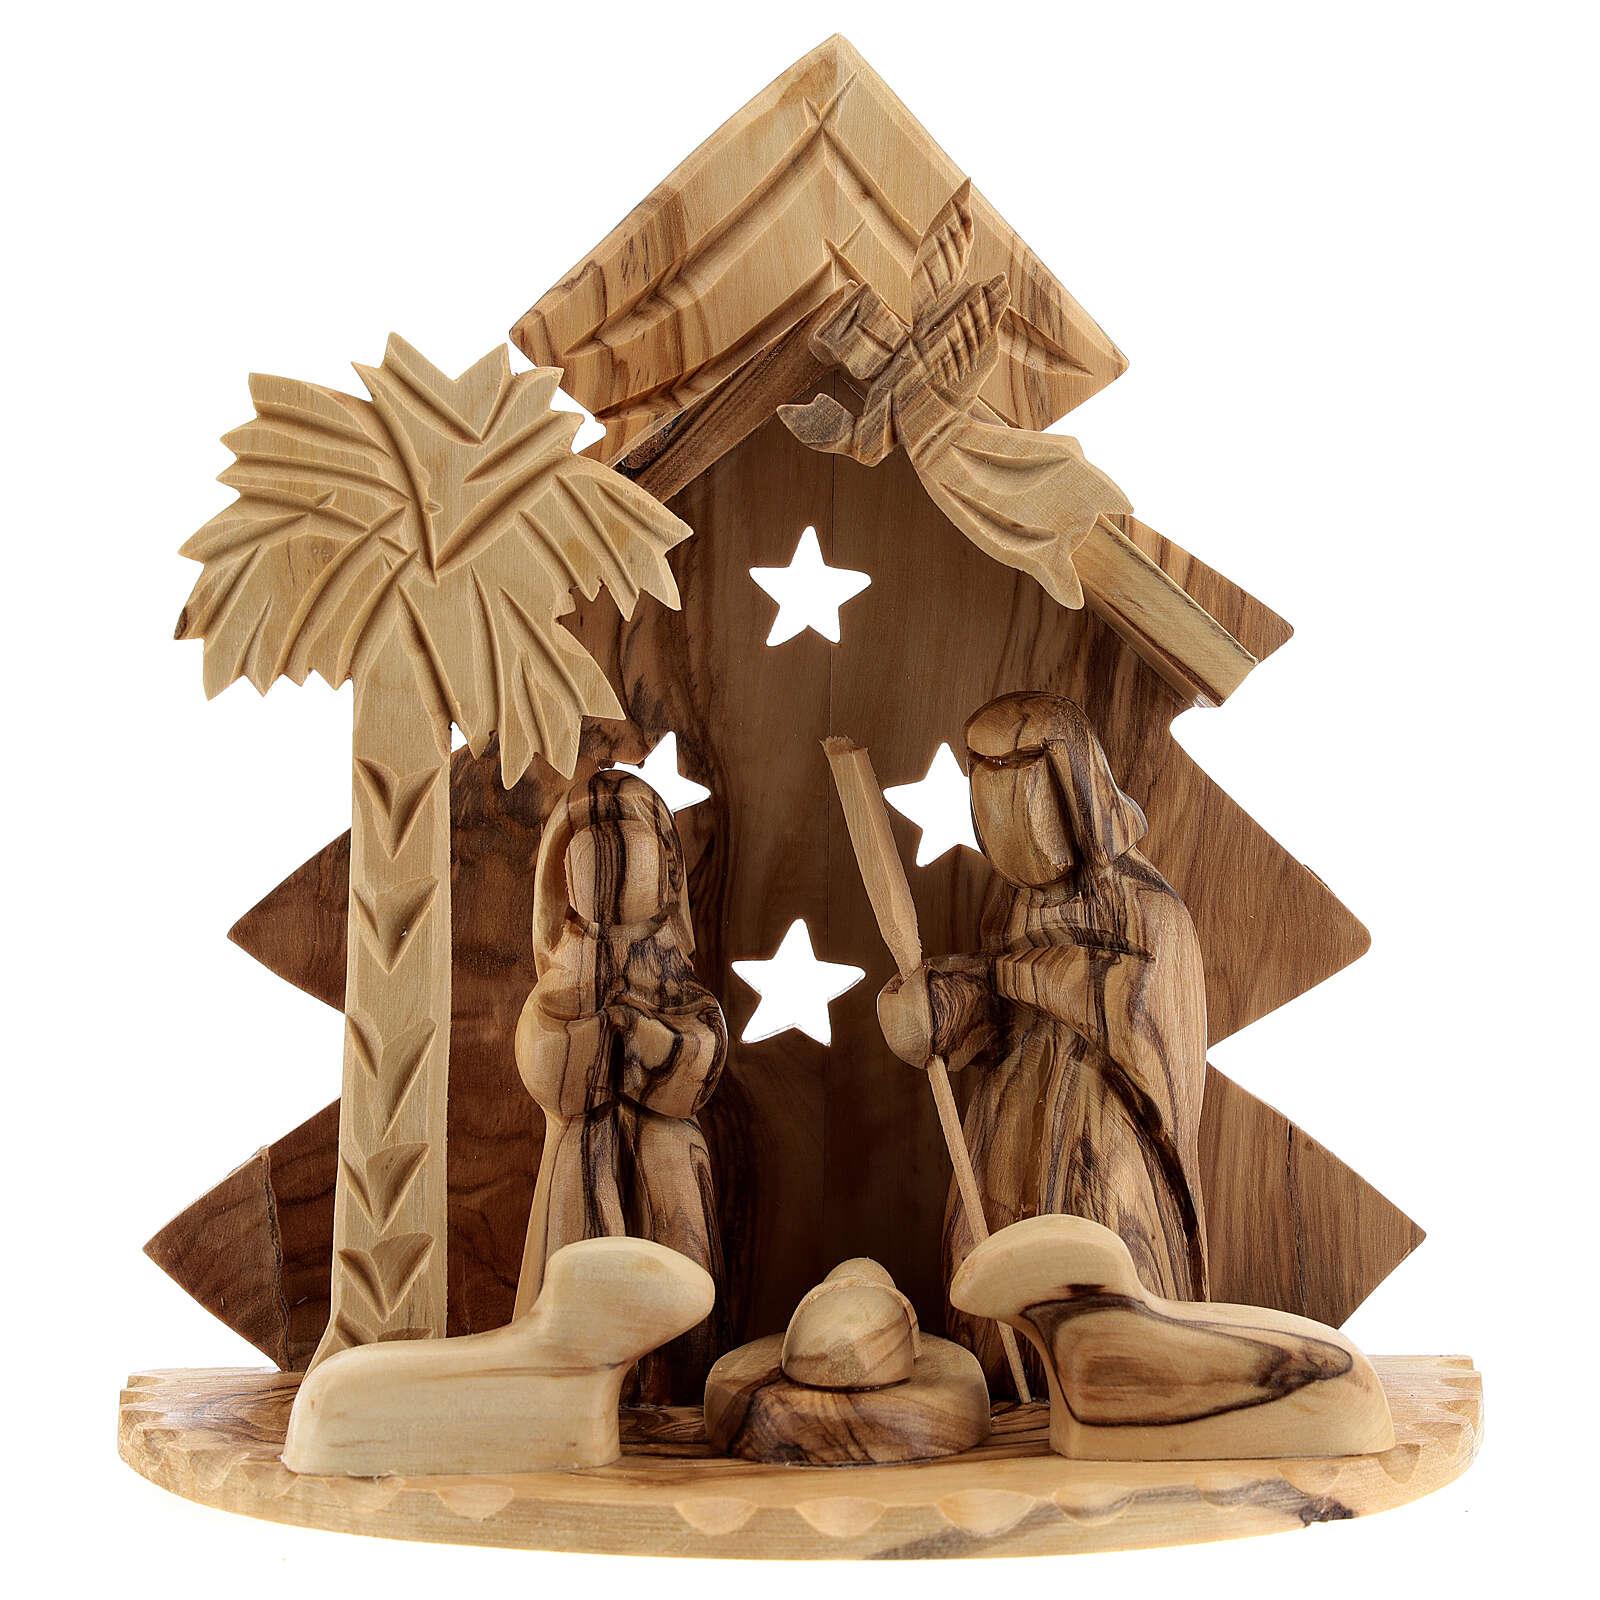 Capanna Natività 8 cm albero stilizzato legno ulivo Betlemme 15x15x10 cm 4